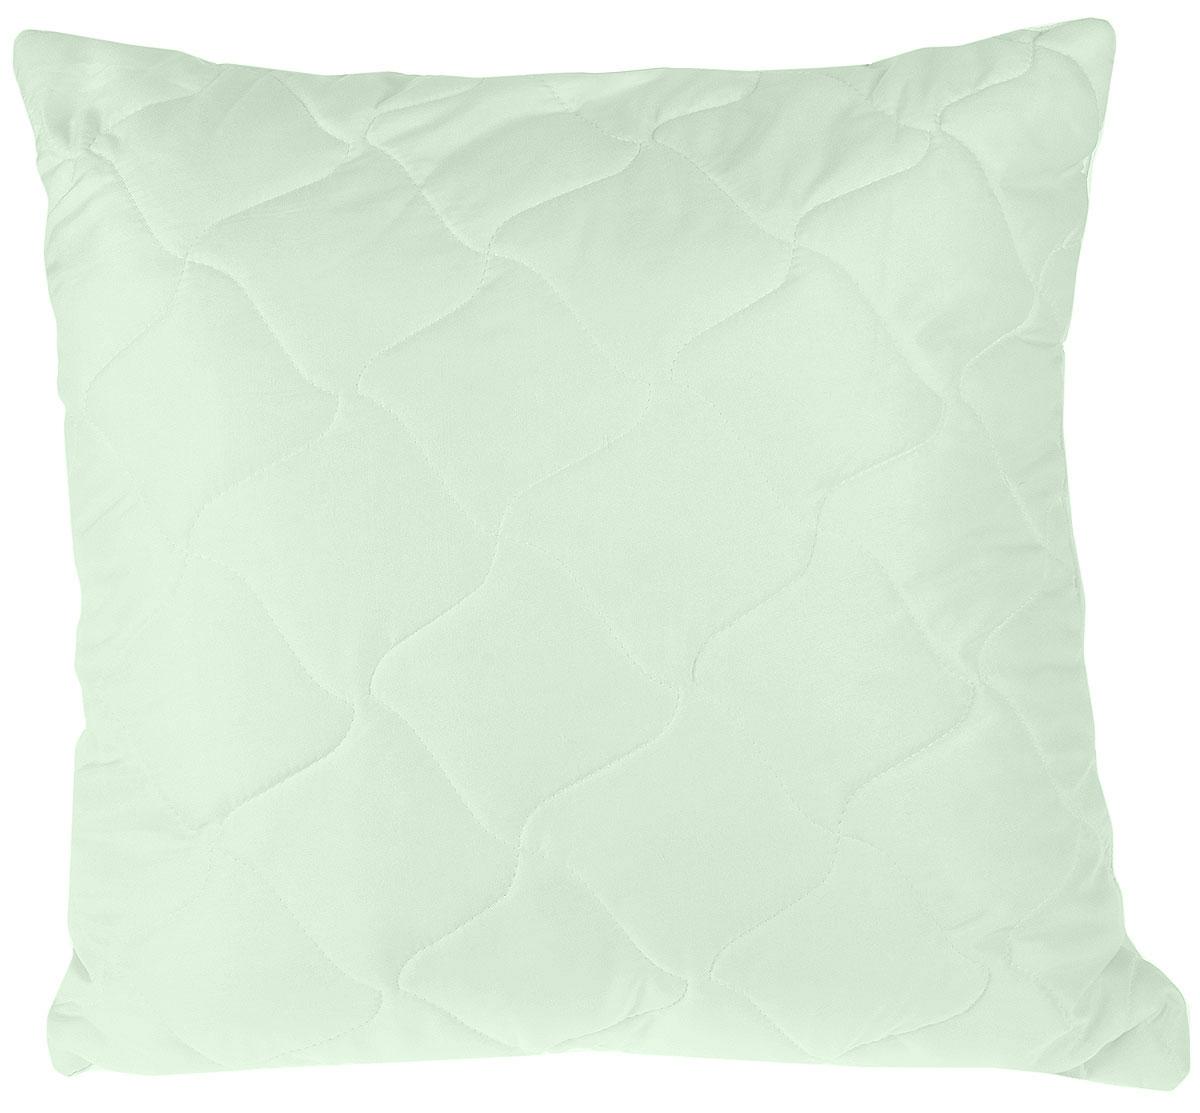 Подушка Lara Home Алоэ Вера, цвет: зеленый, 68 х 68 см85270Наполнитель: силиконизированное волокно с пропиткой Алоэ Вера